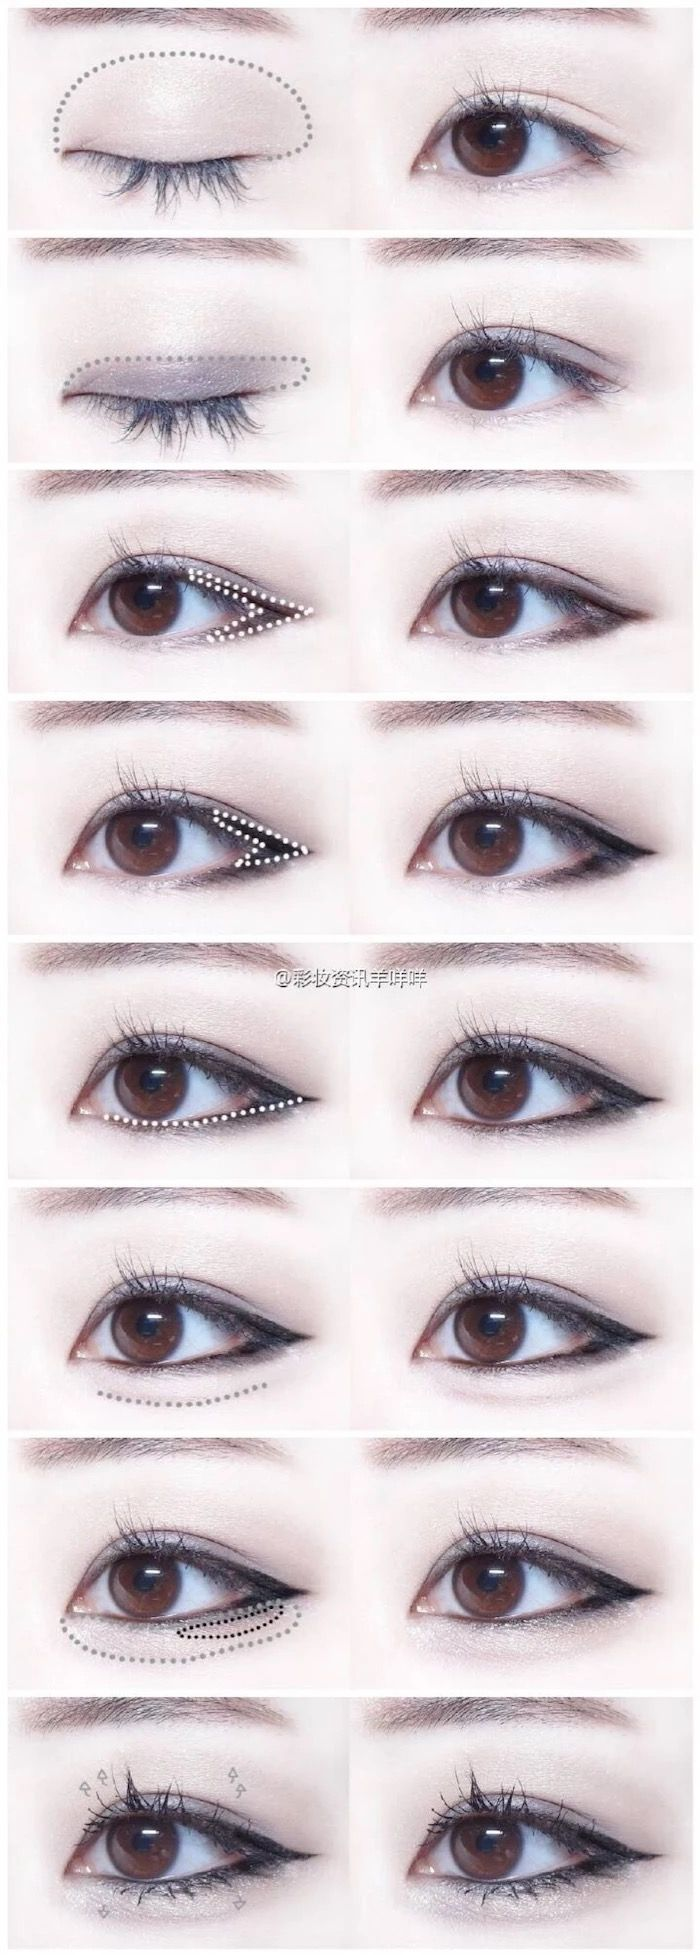 Hermosos ojos *-*